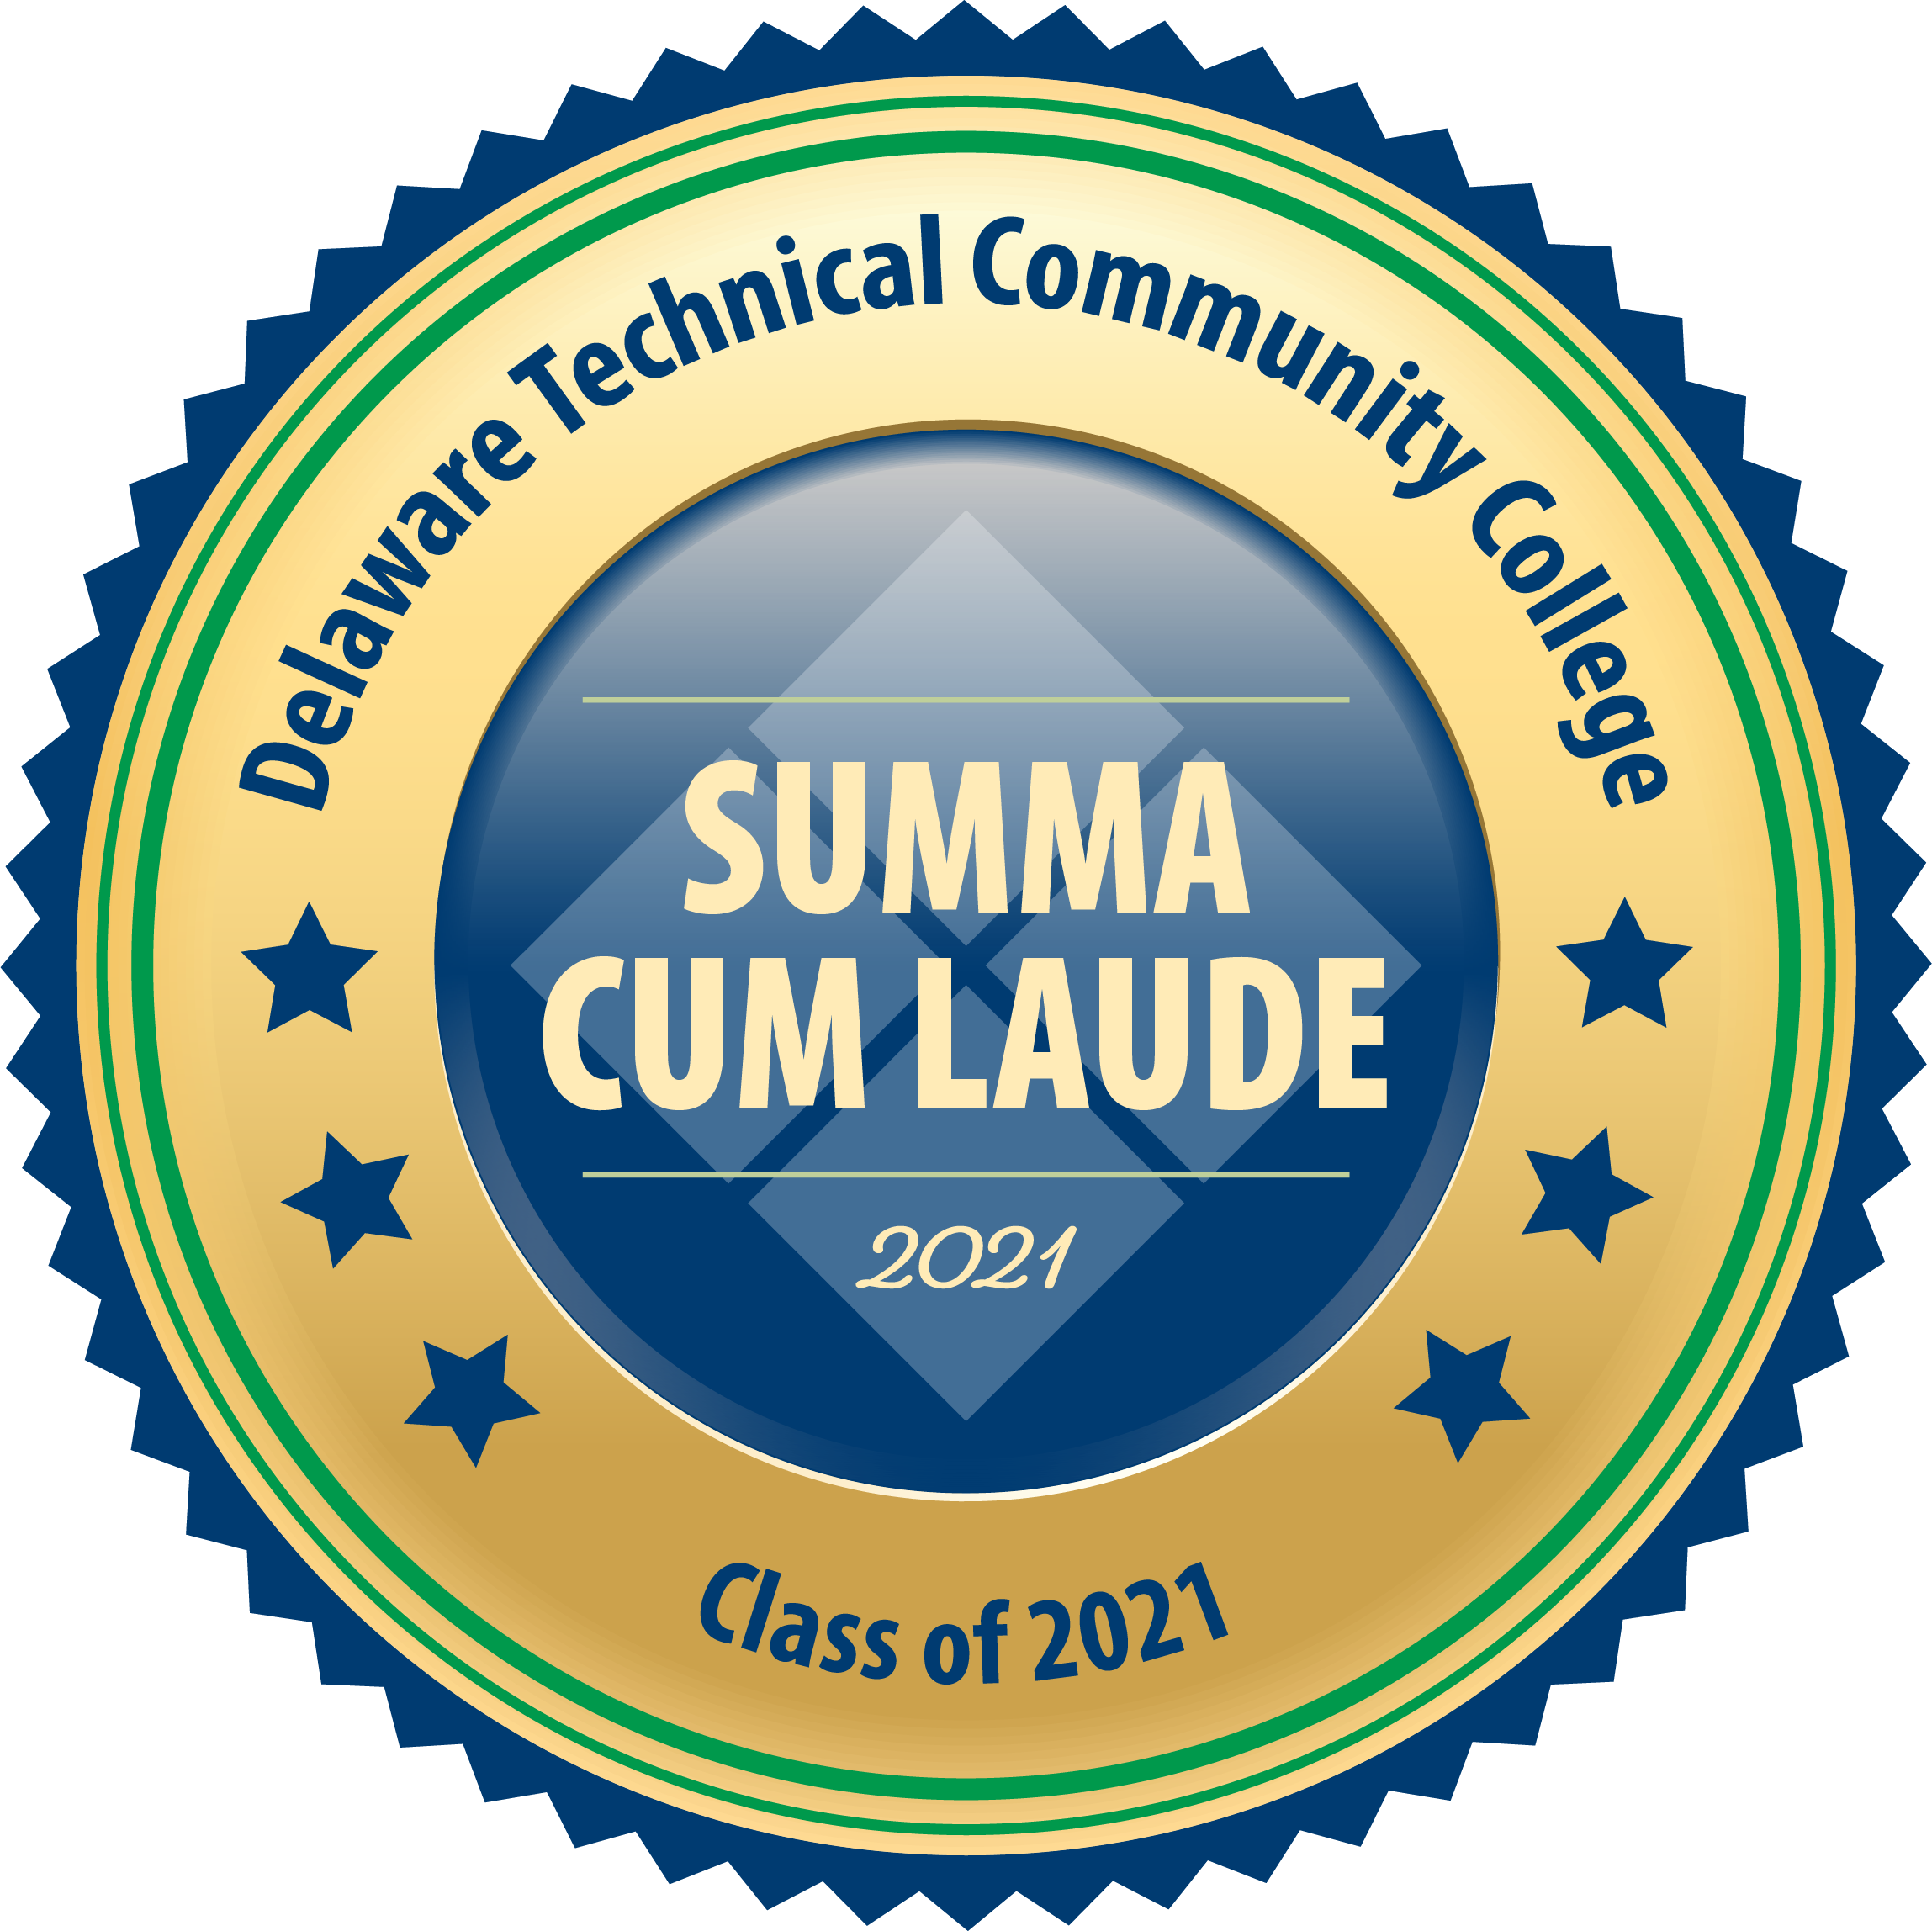 Link to Summa Cum Laude Sticker